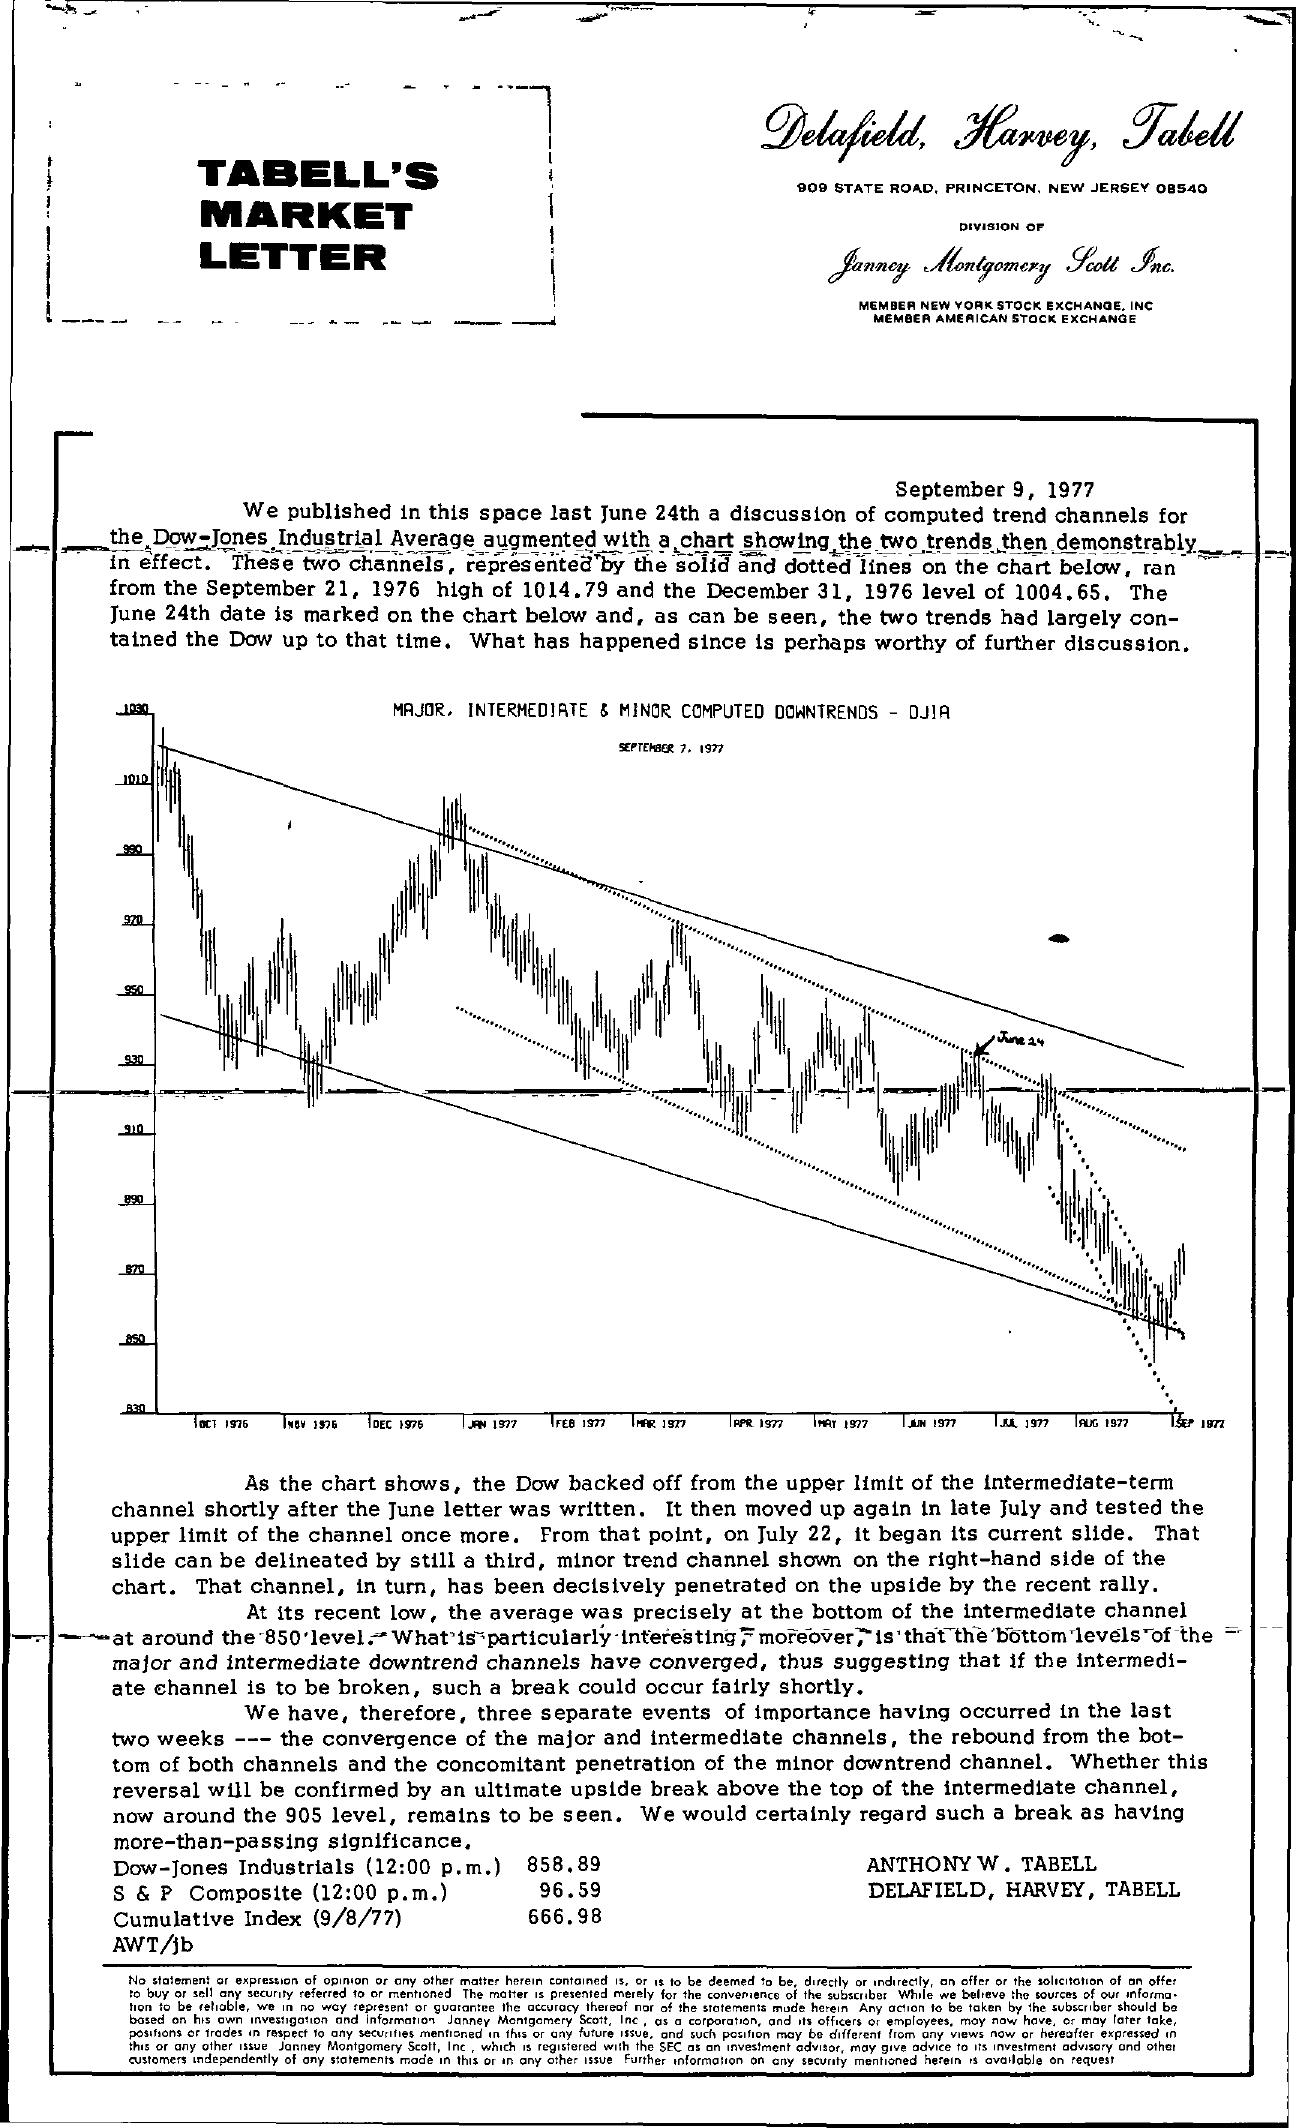 Tabell's Market Letter - September 09, 1977